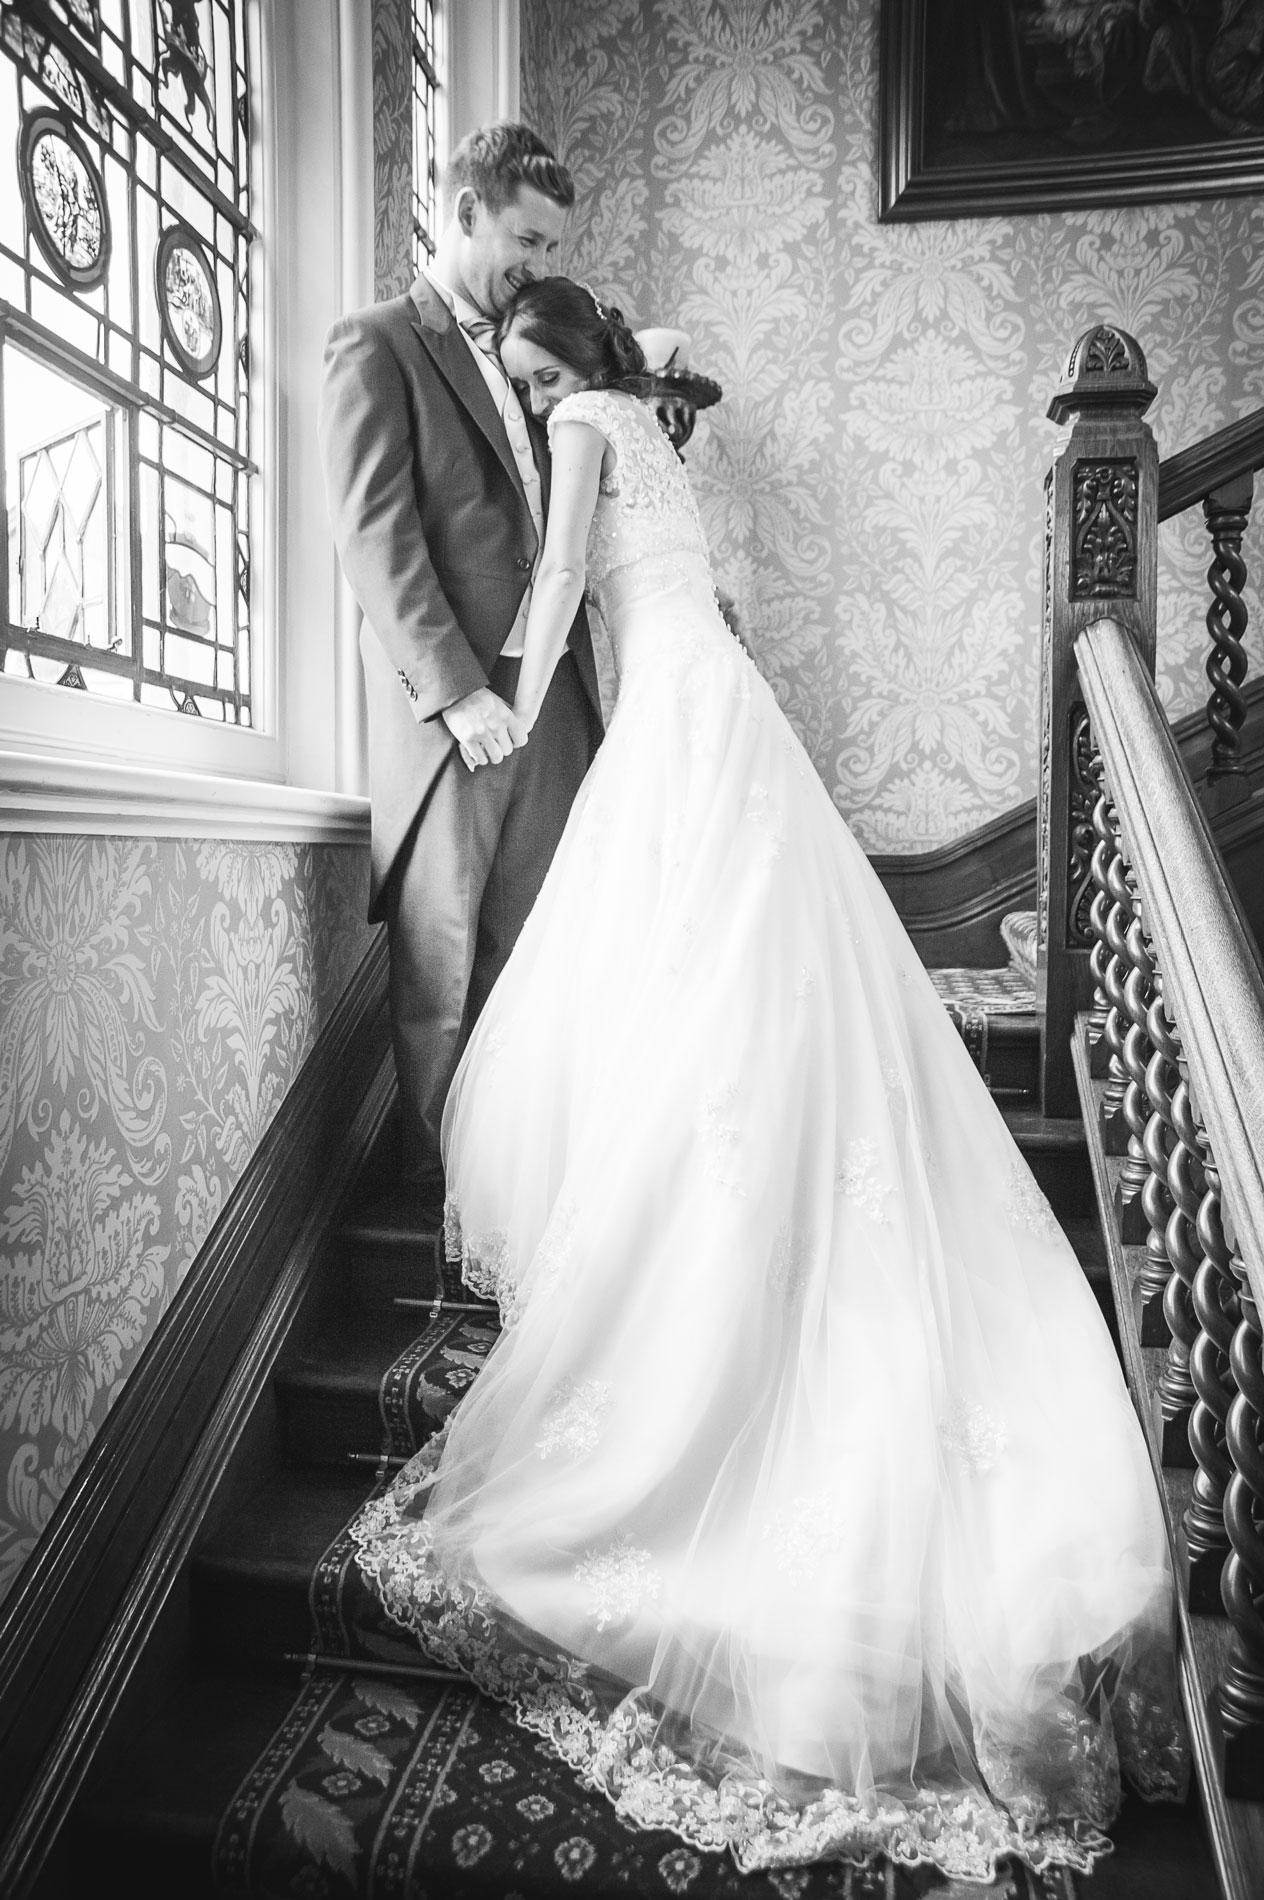 Kilworth-weddings-_38.jpg